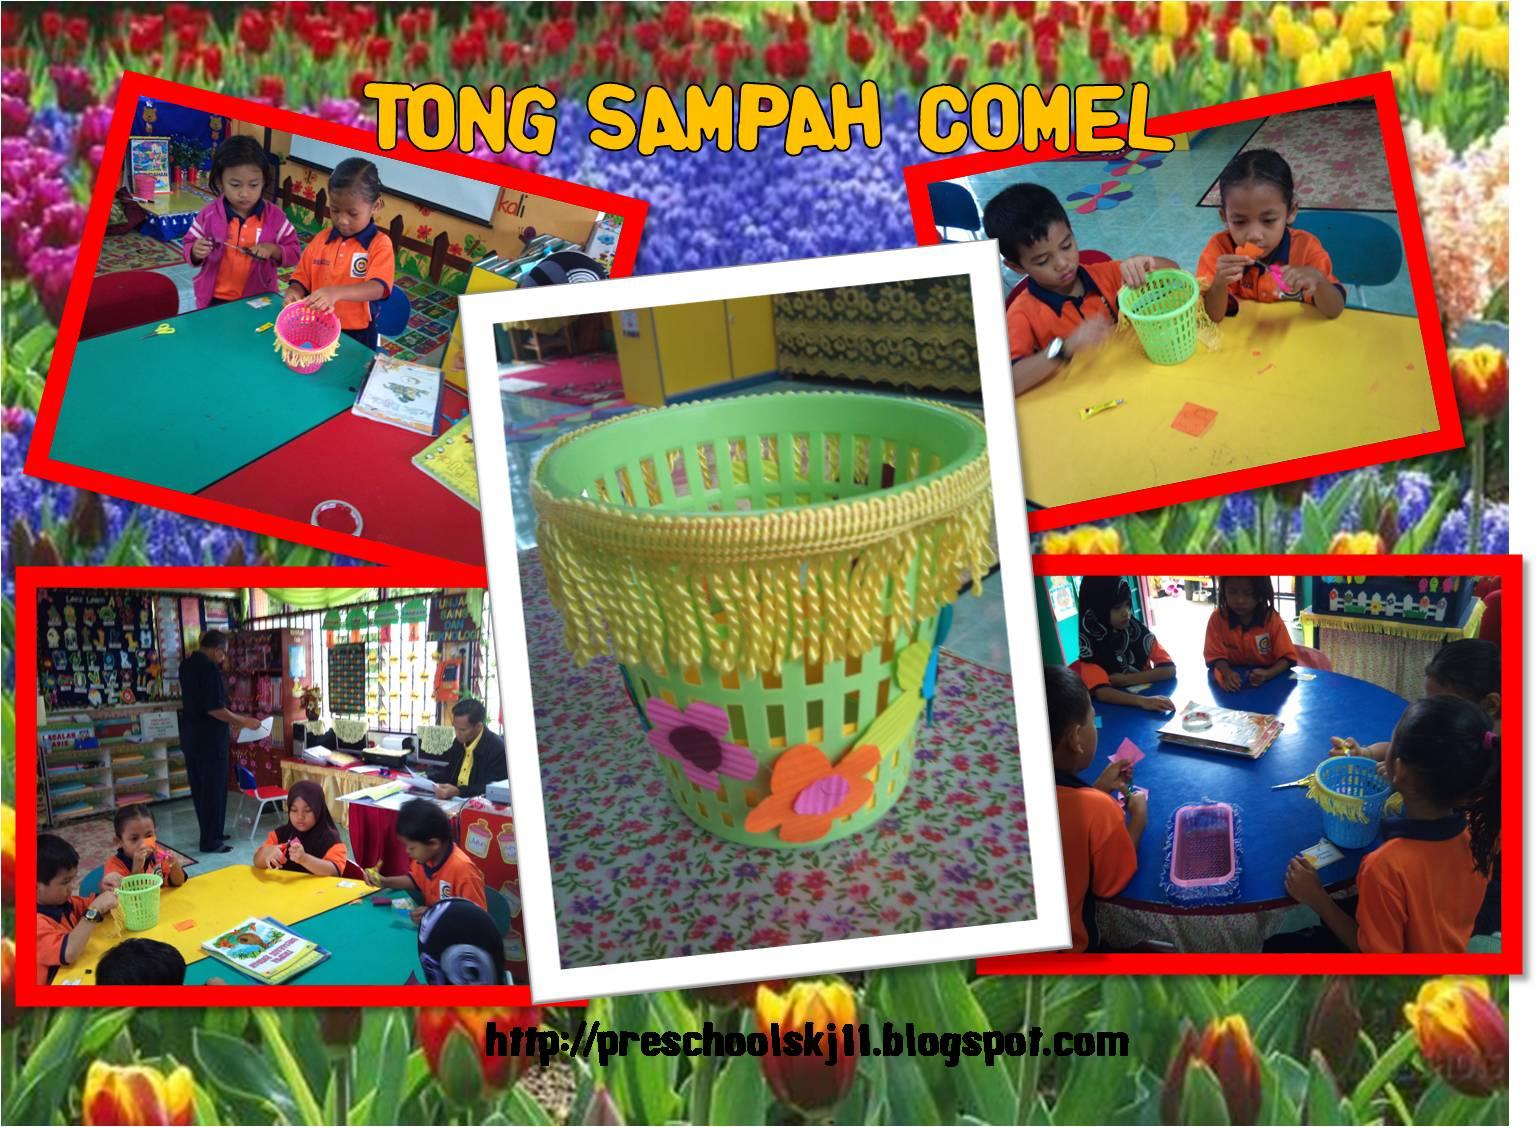 Cikgu Eela Il Preschoolers Pce Kemudahan Awam Tong Sampah